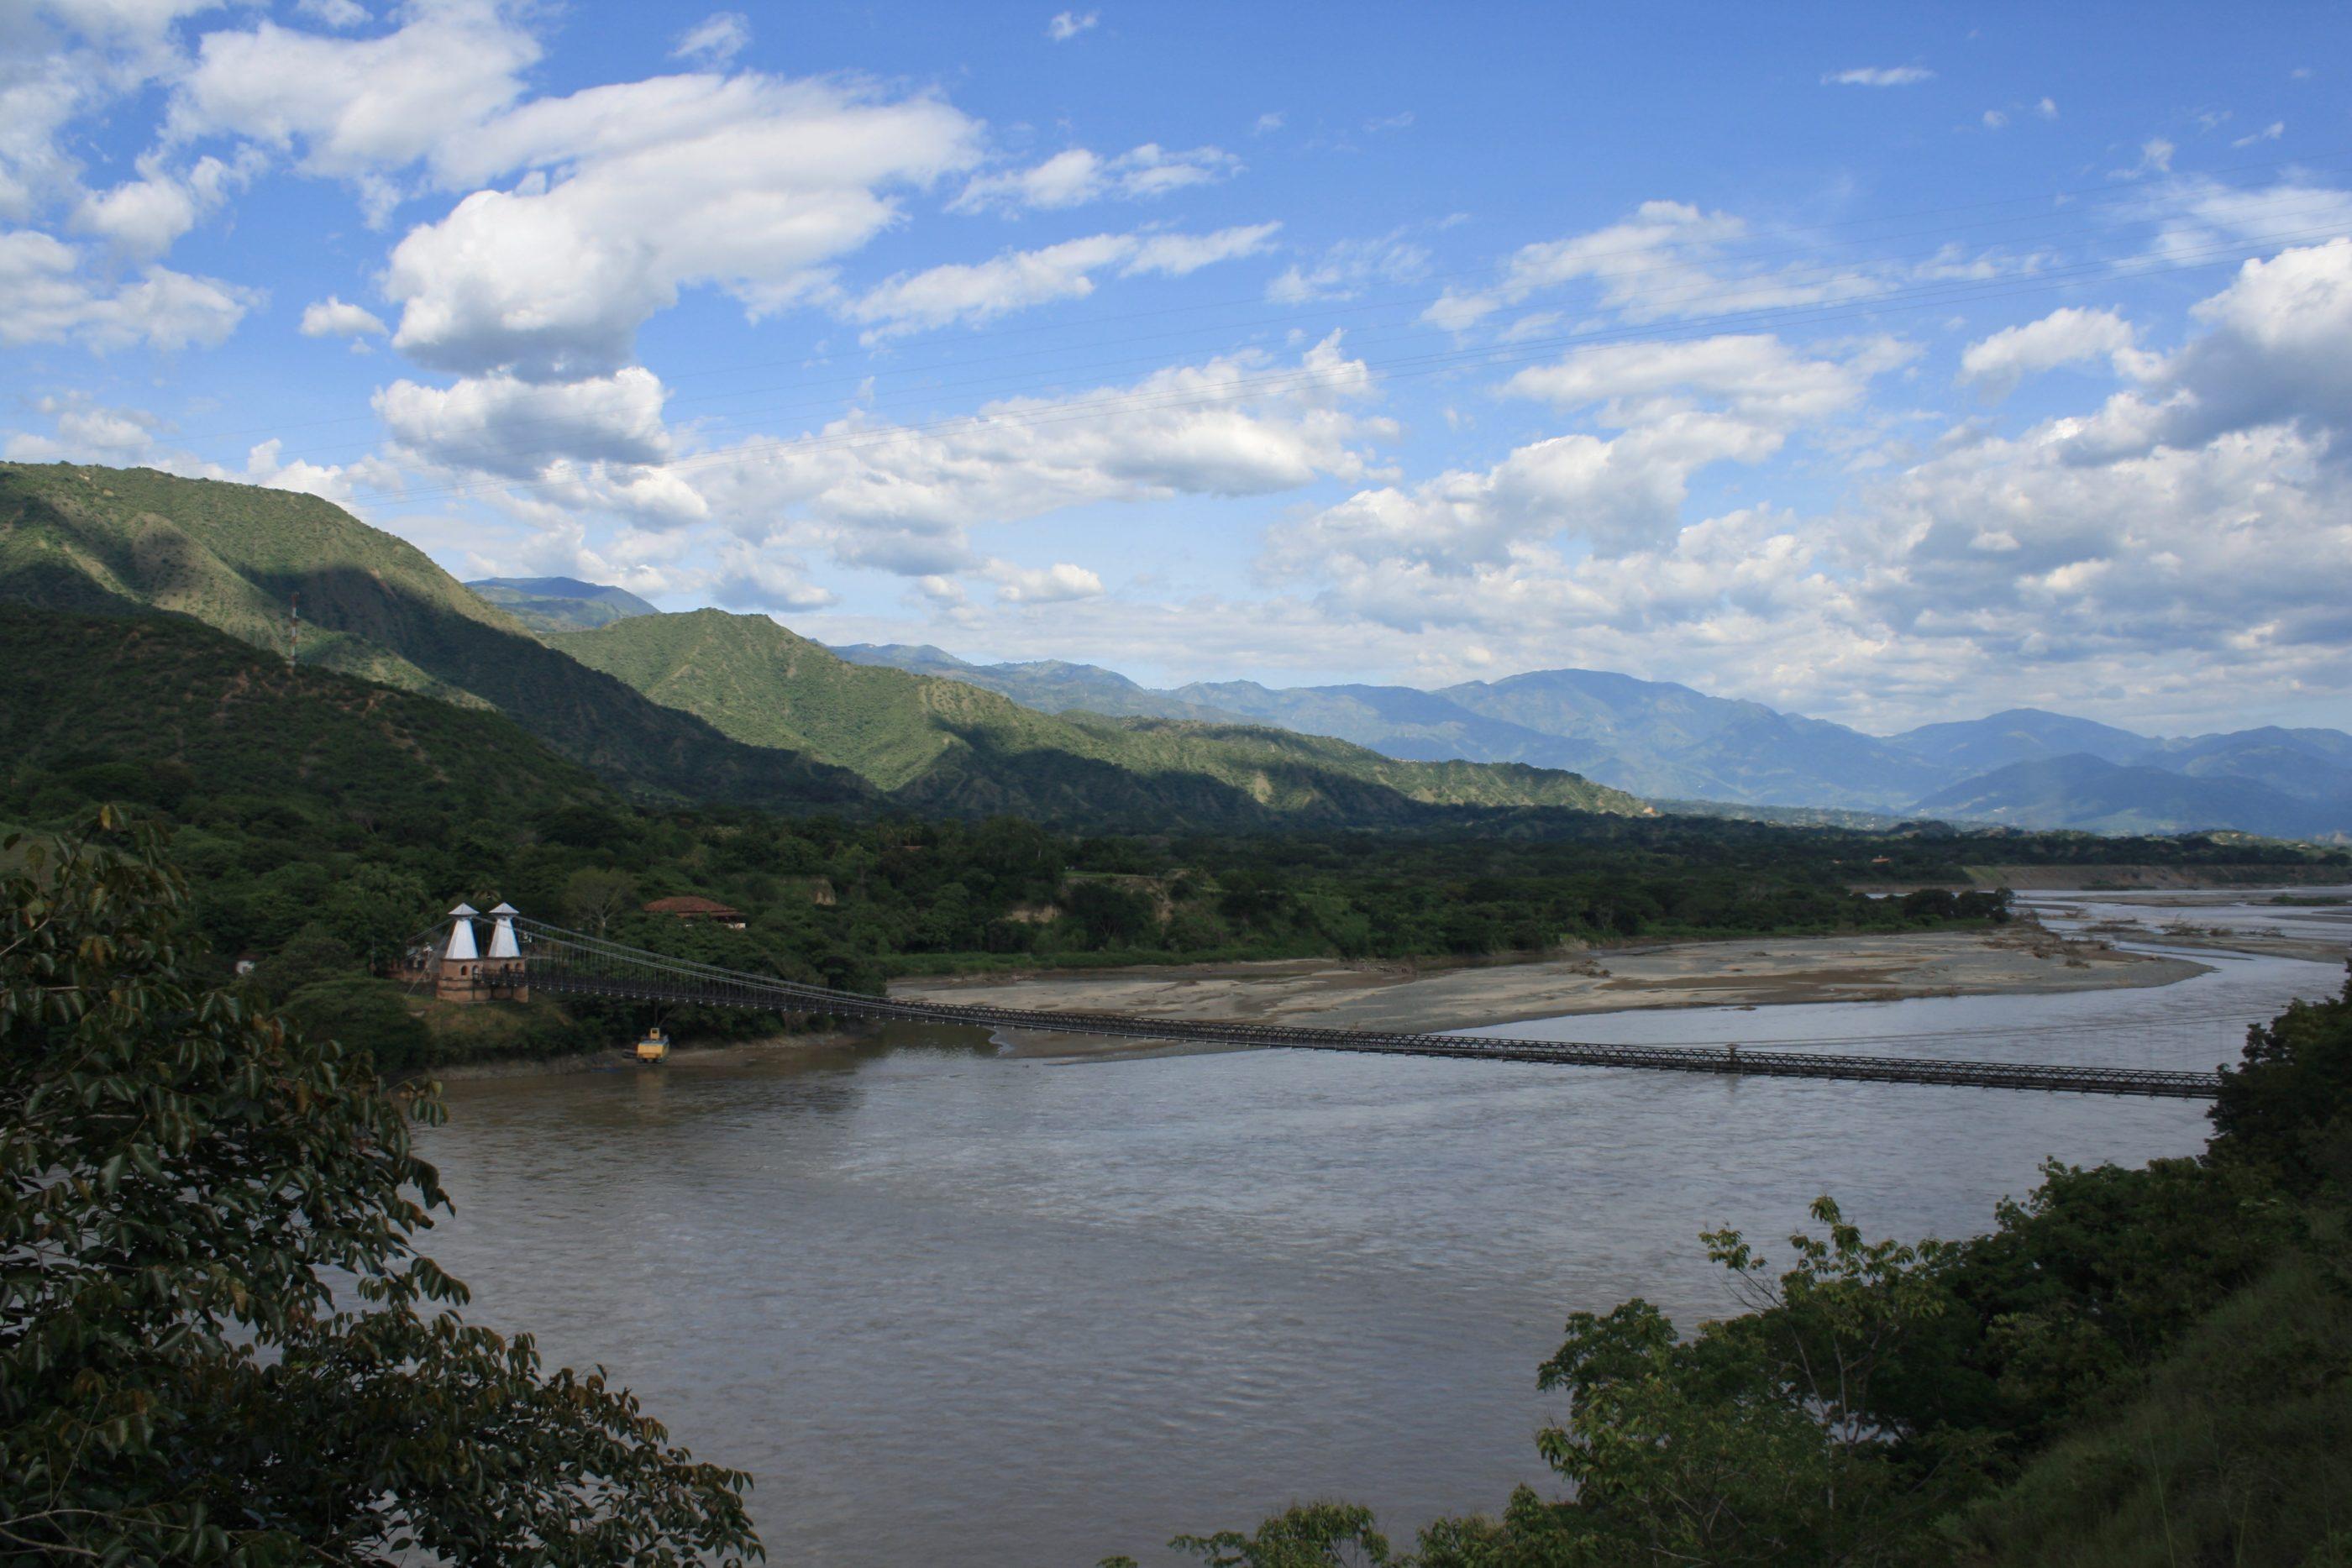 Die Puente de Occidente über den Río Cauca in Santa Fe de Antioquia